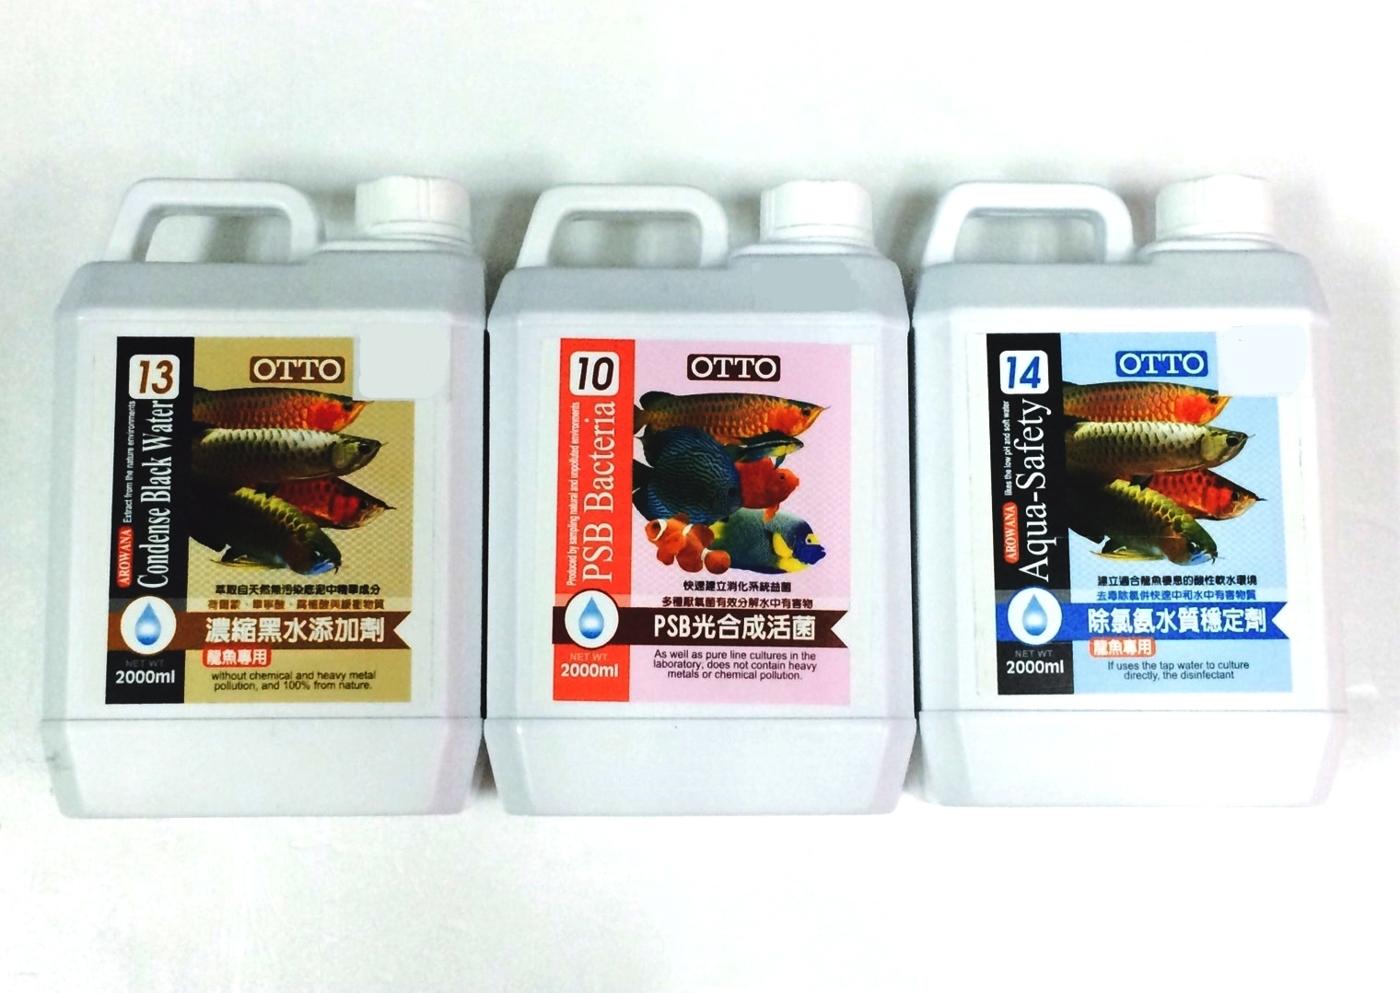 OTTO奧圖PSB光合成硝化菌2L淨水有感多樣菌種除亞硝酸換水添加清澈增豔配方魚事職人